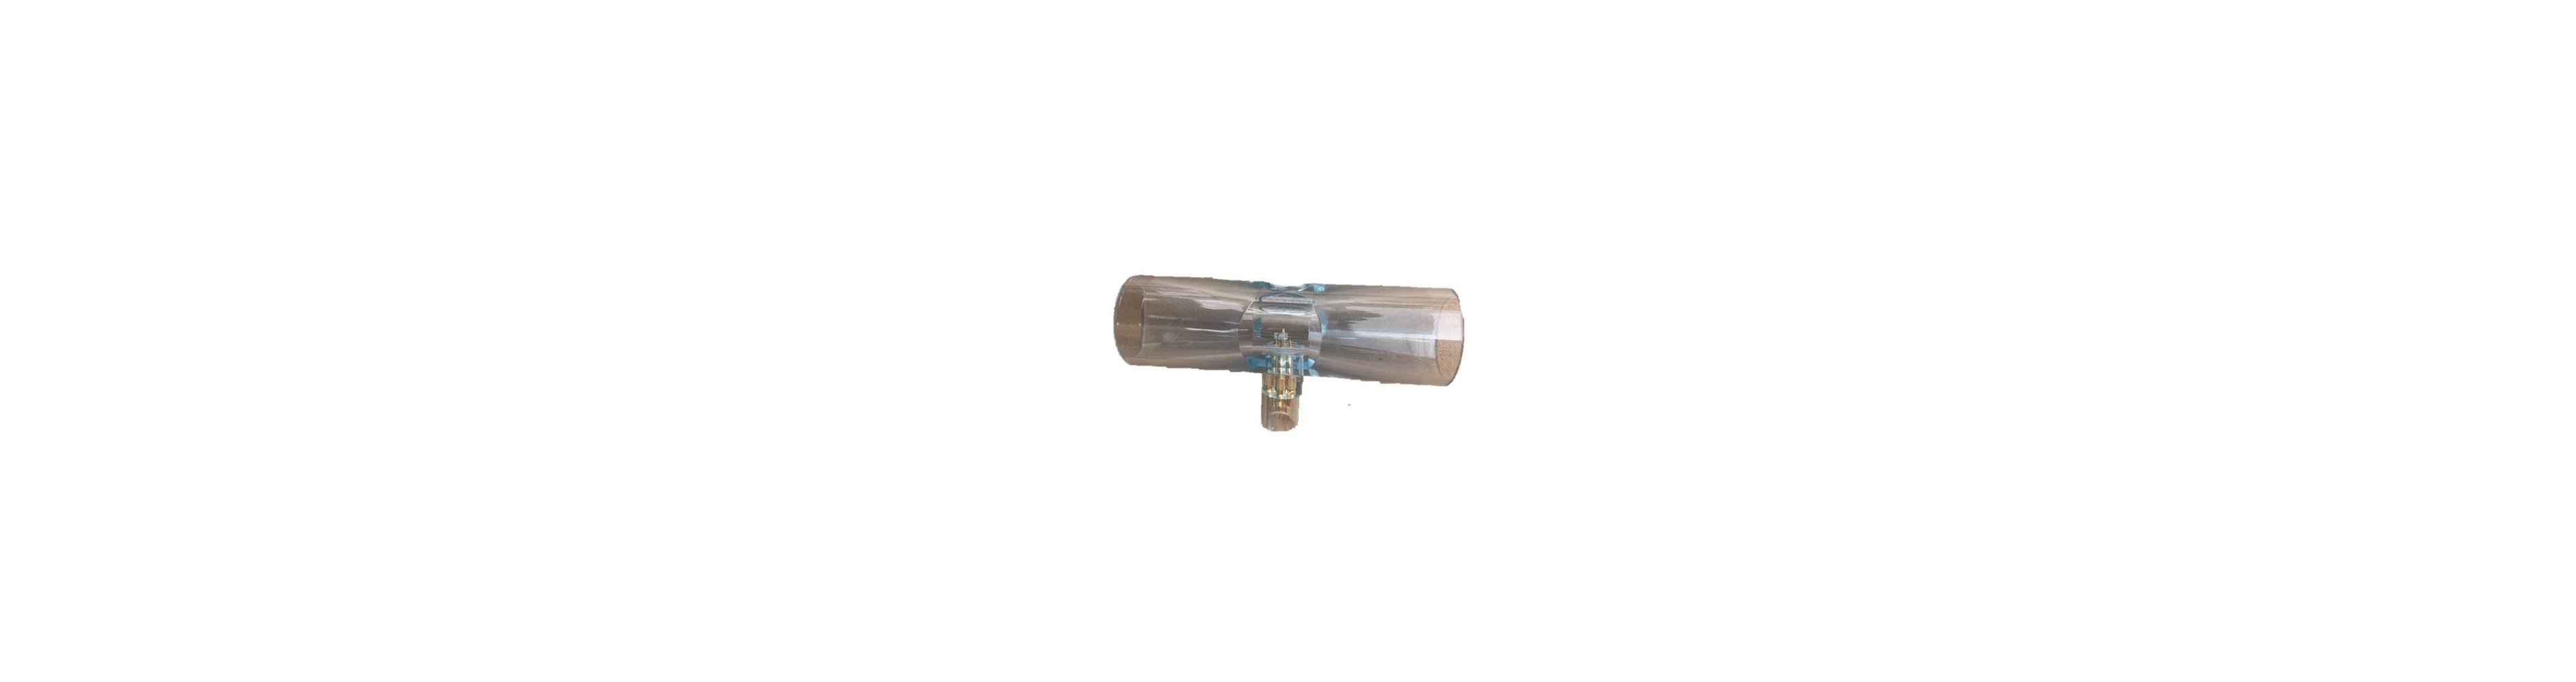 Sensor de flujo para ventilador NEWPORT E360